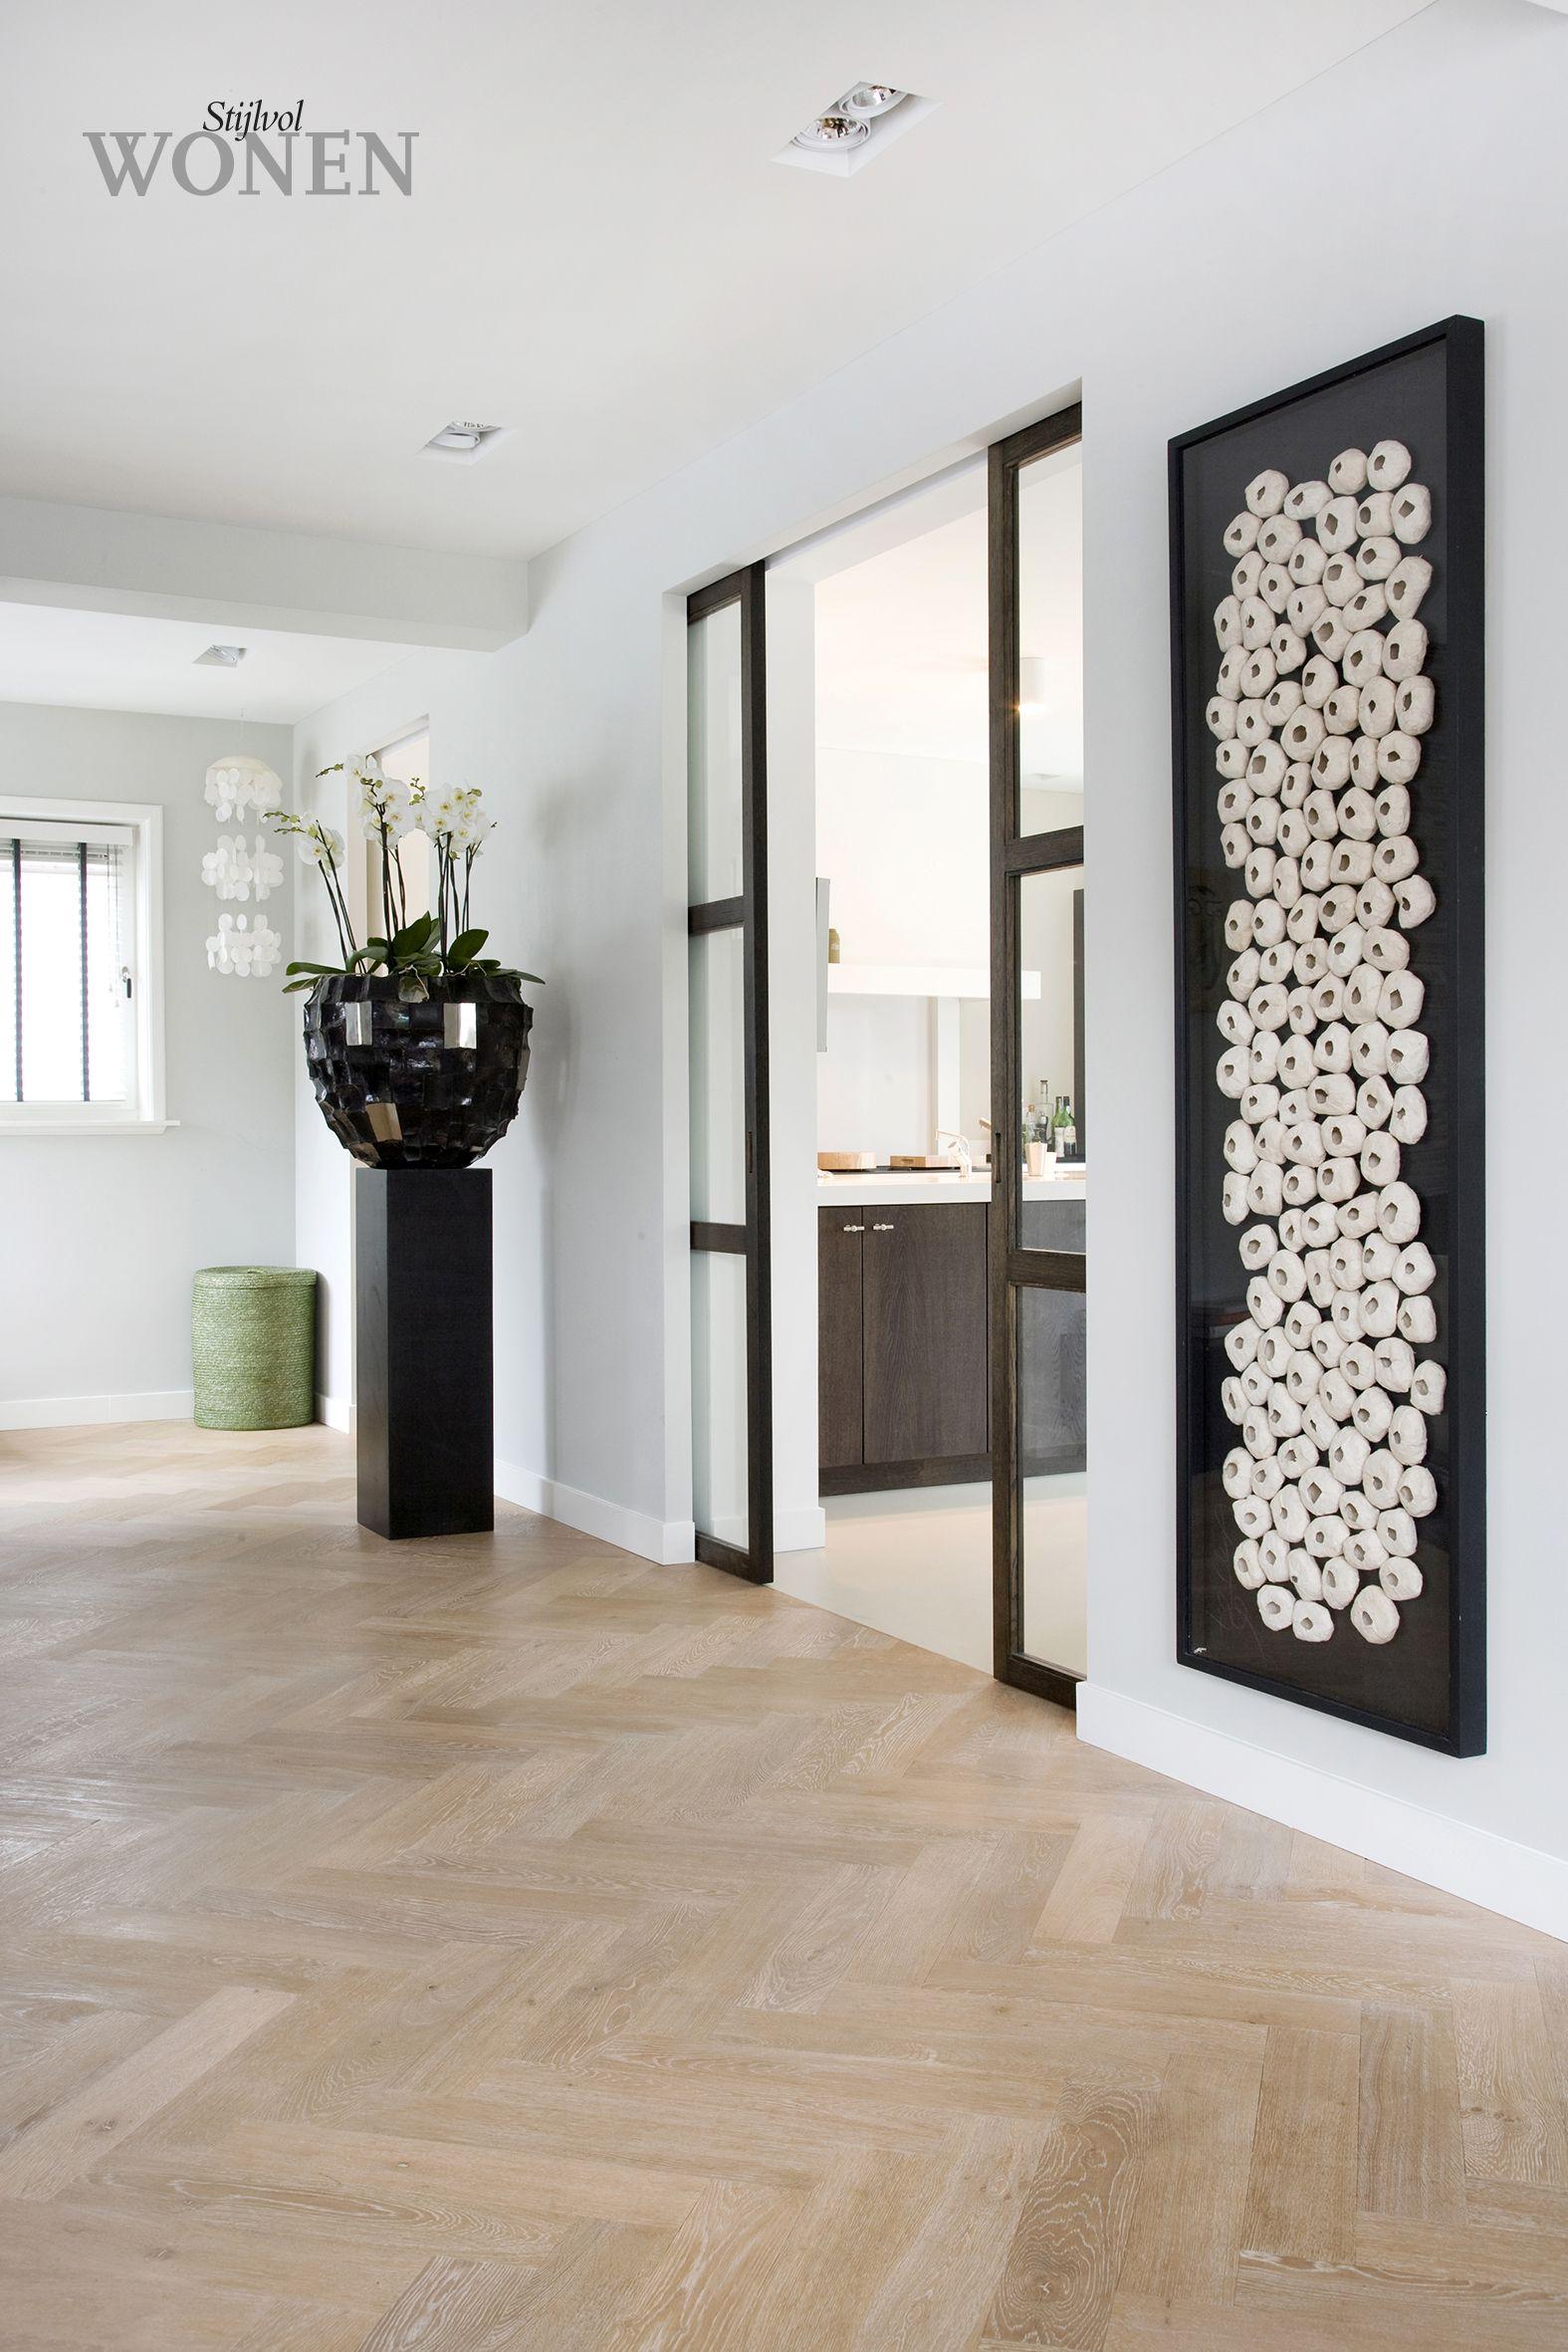 Sliding Doors Between Walls Living Room Pinterest Doors